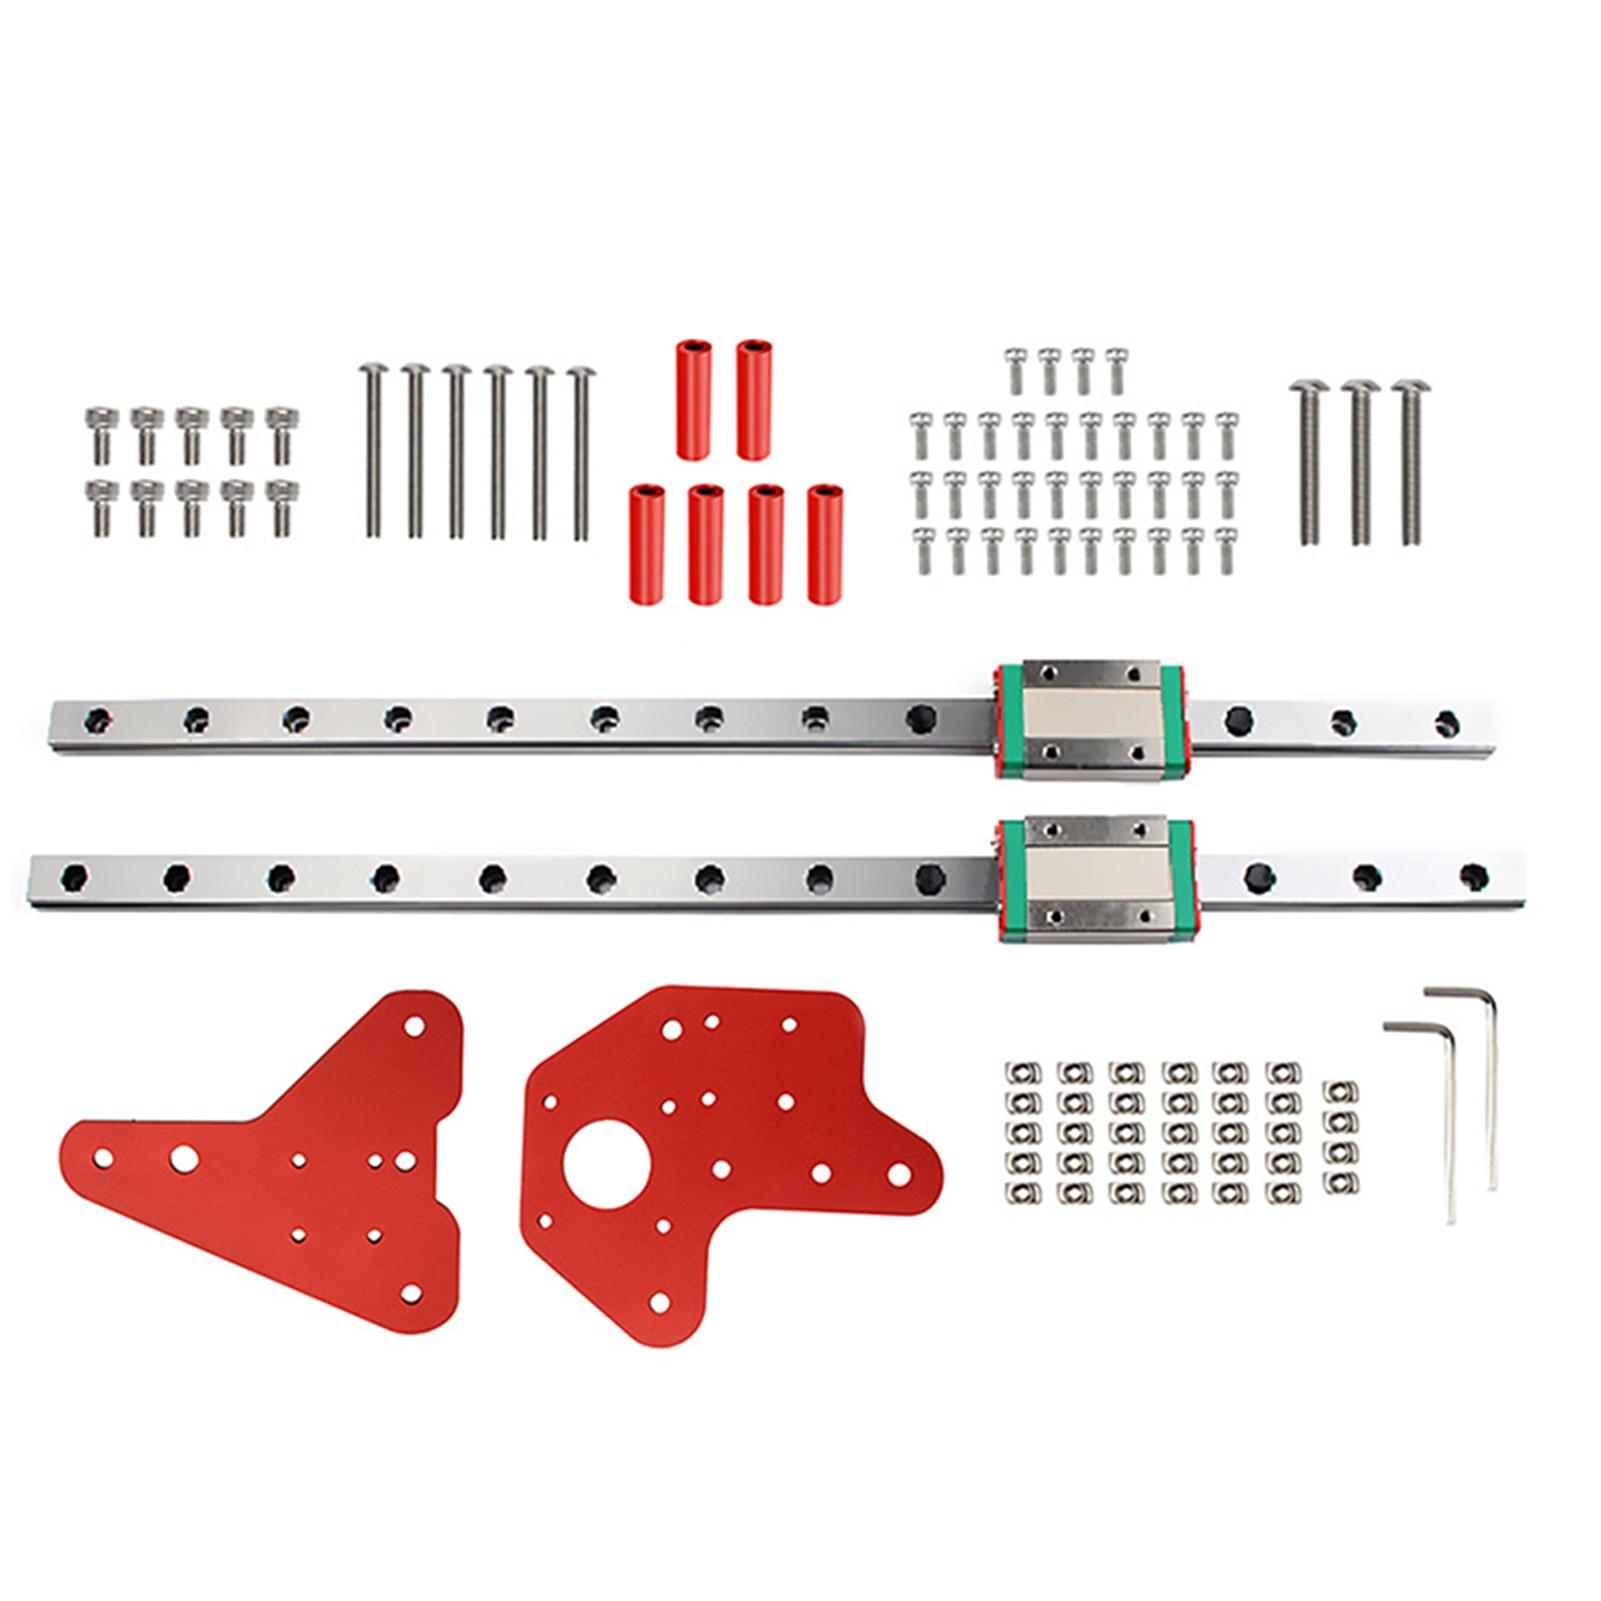 قطع غيار طابعة ثلاثية الأبعاد إصلاح دقيق مزدوج Z محور القضبان الخطية عدة الملحقات مع المنزلق المهنية لندر 3